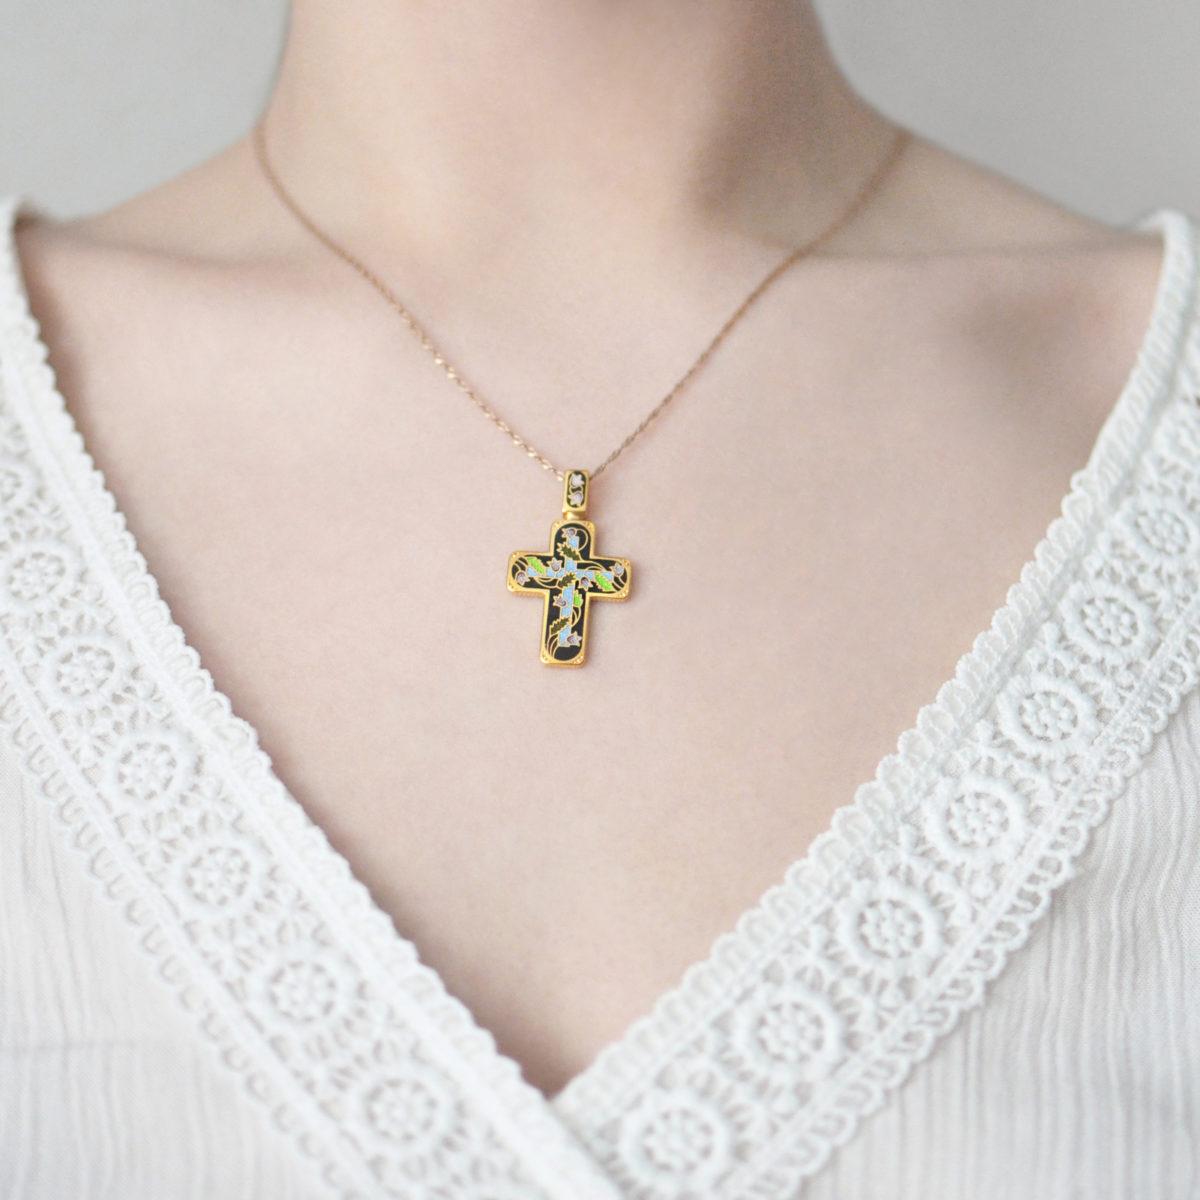 """zolochenie chernaya 1200x1200 - Нательный крест из серебра """"Спас на крови"""" (золочение), черный"""